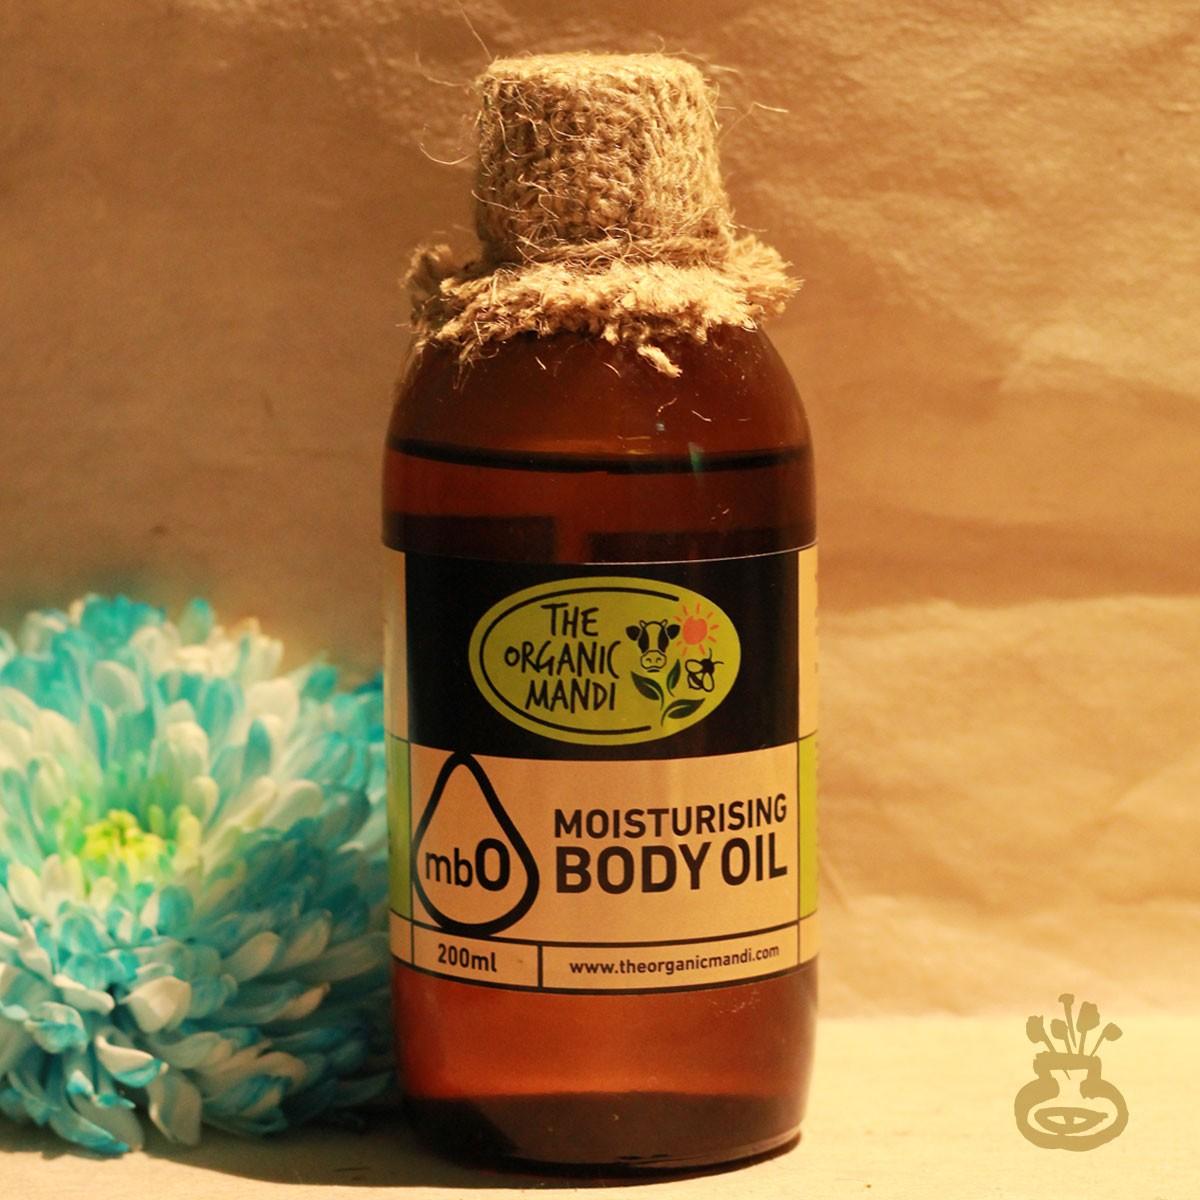 Moisturising Body Oil (200ml)